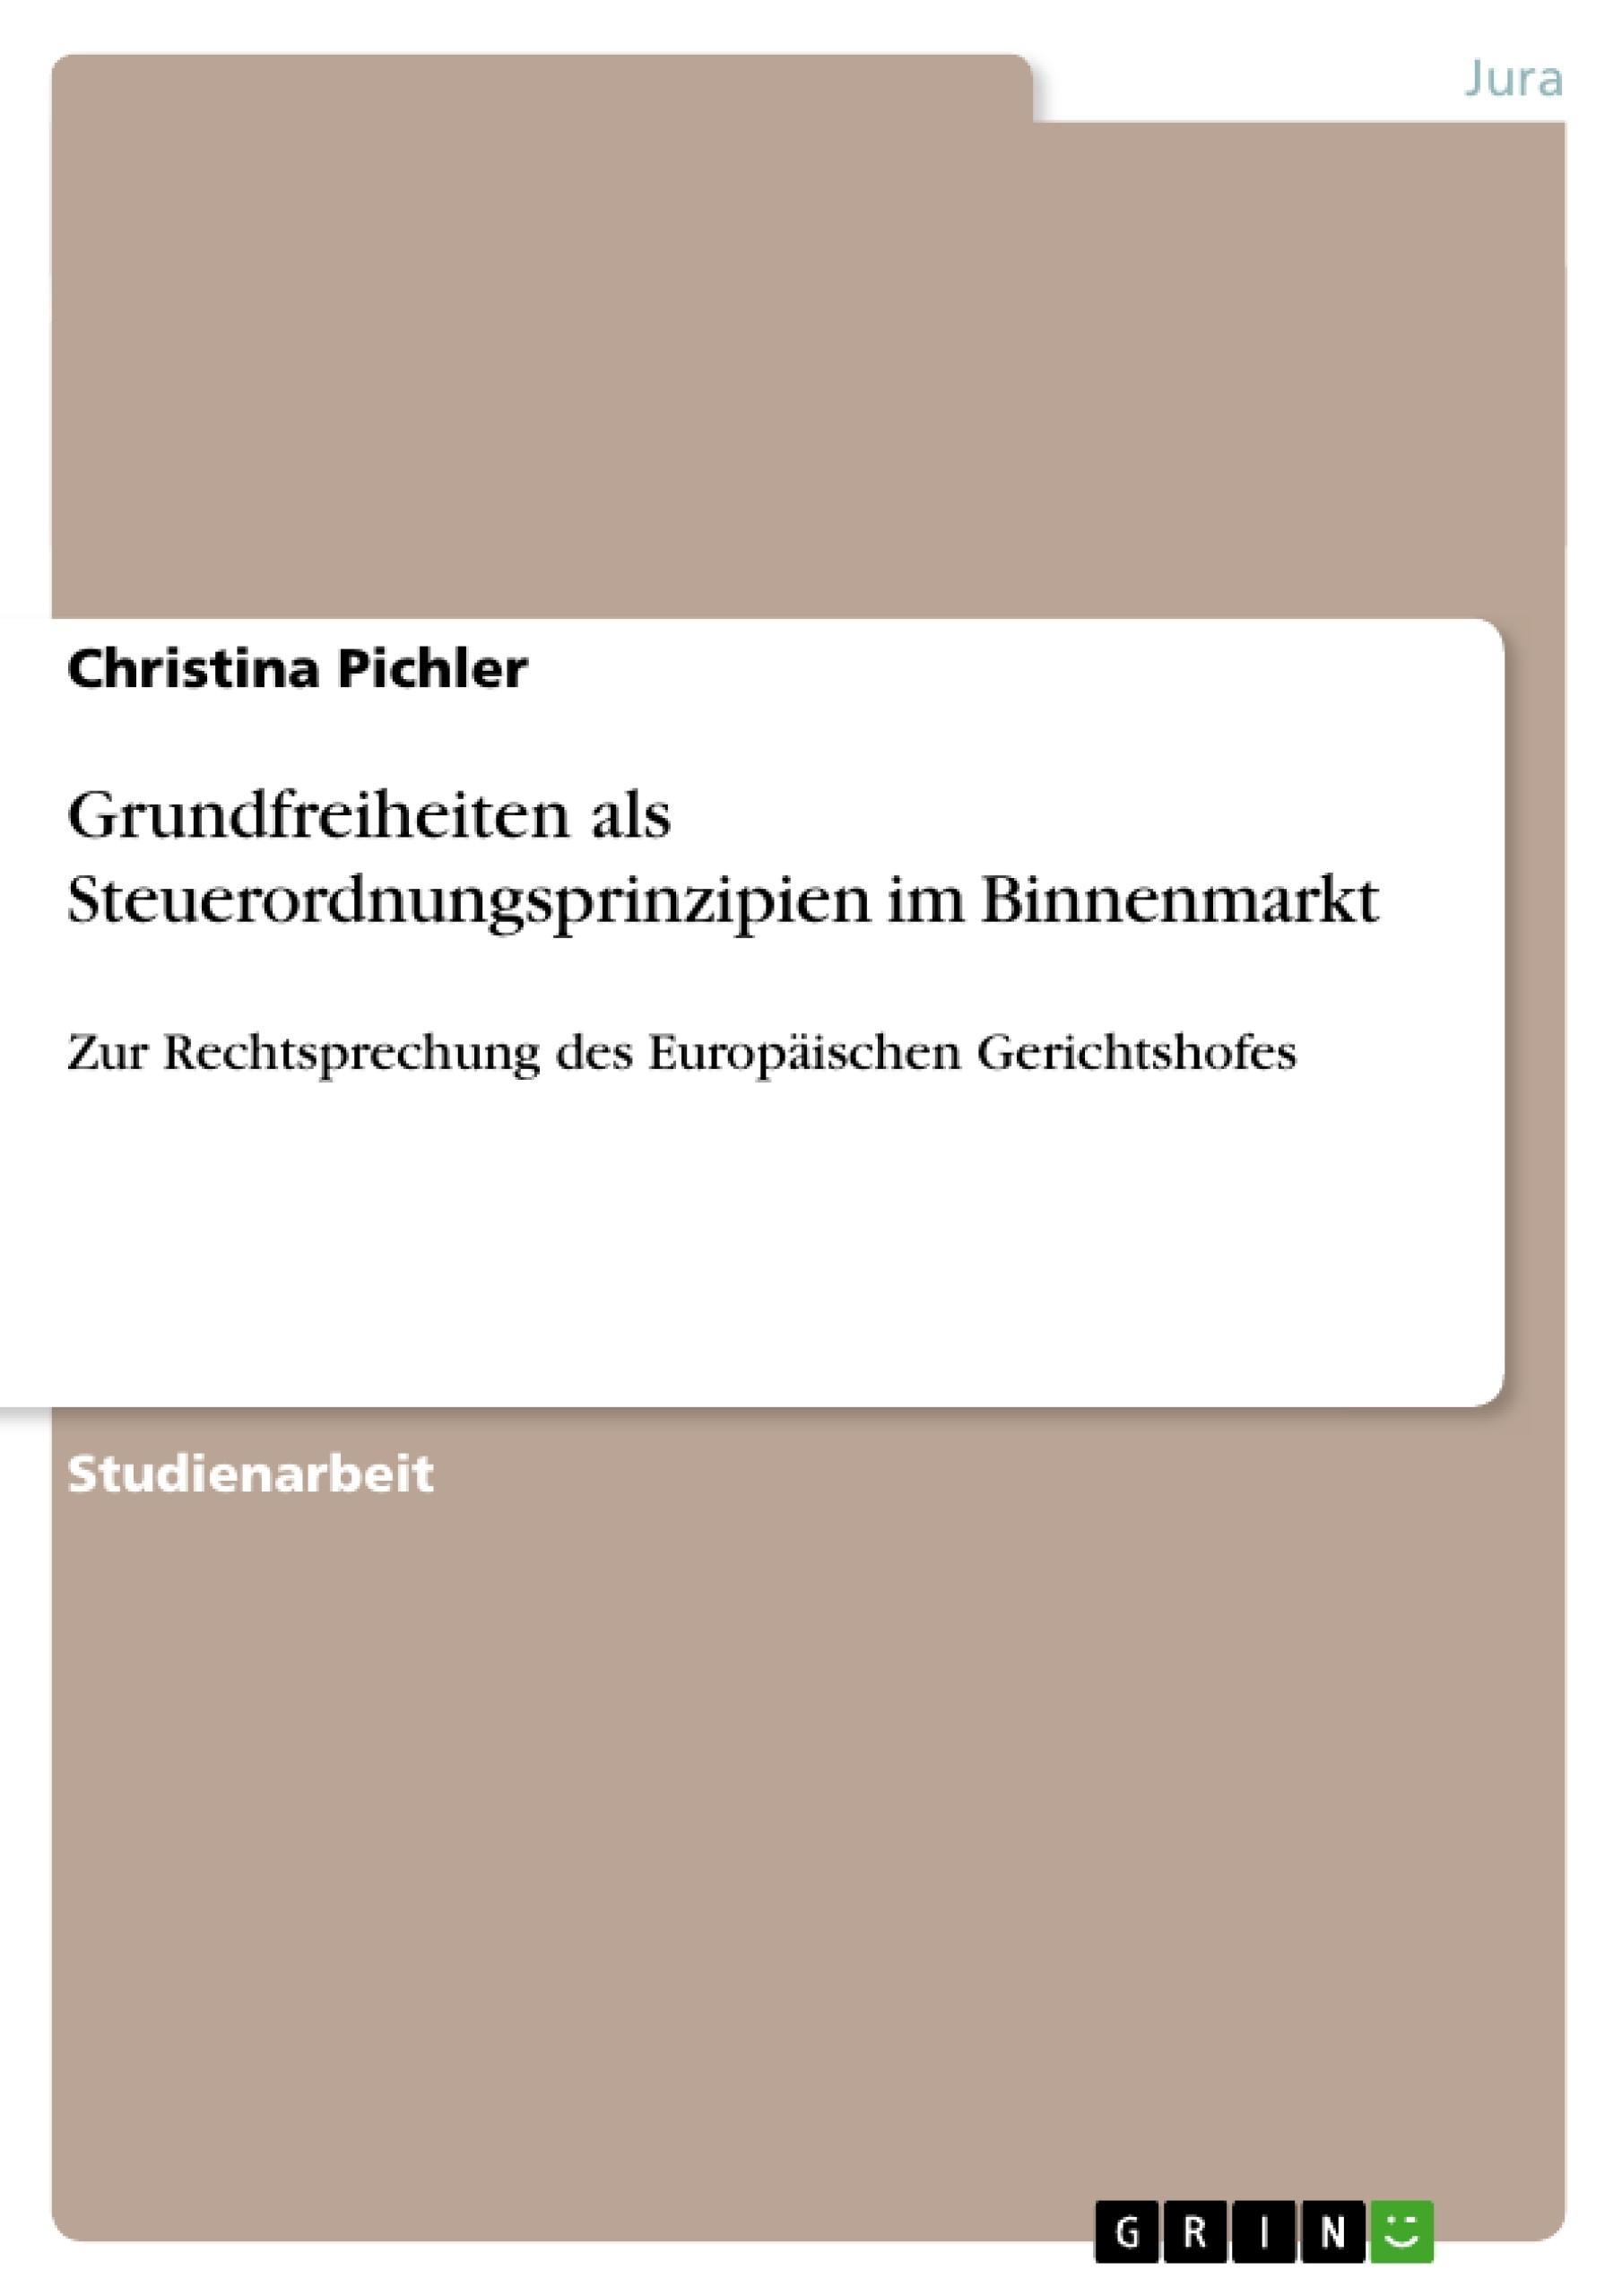 Titel: Grundfreiheiten als Steuerordnungsprinzipien im Binnenmarkt